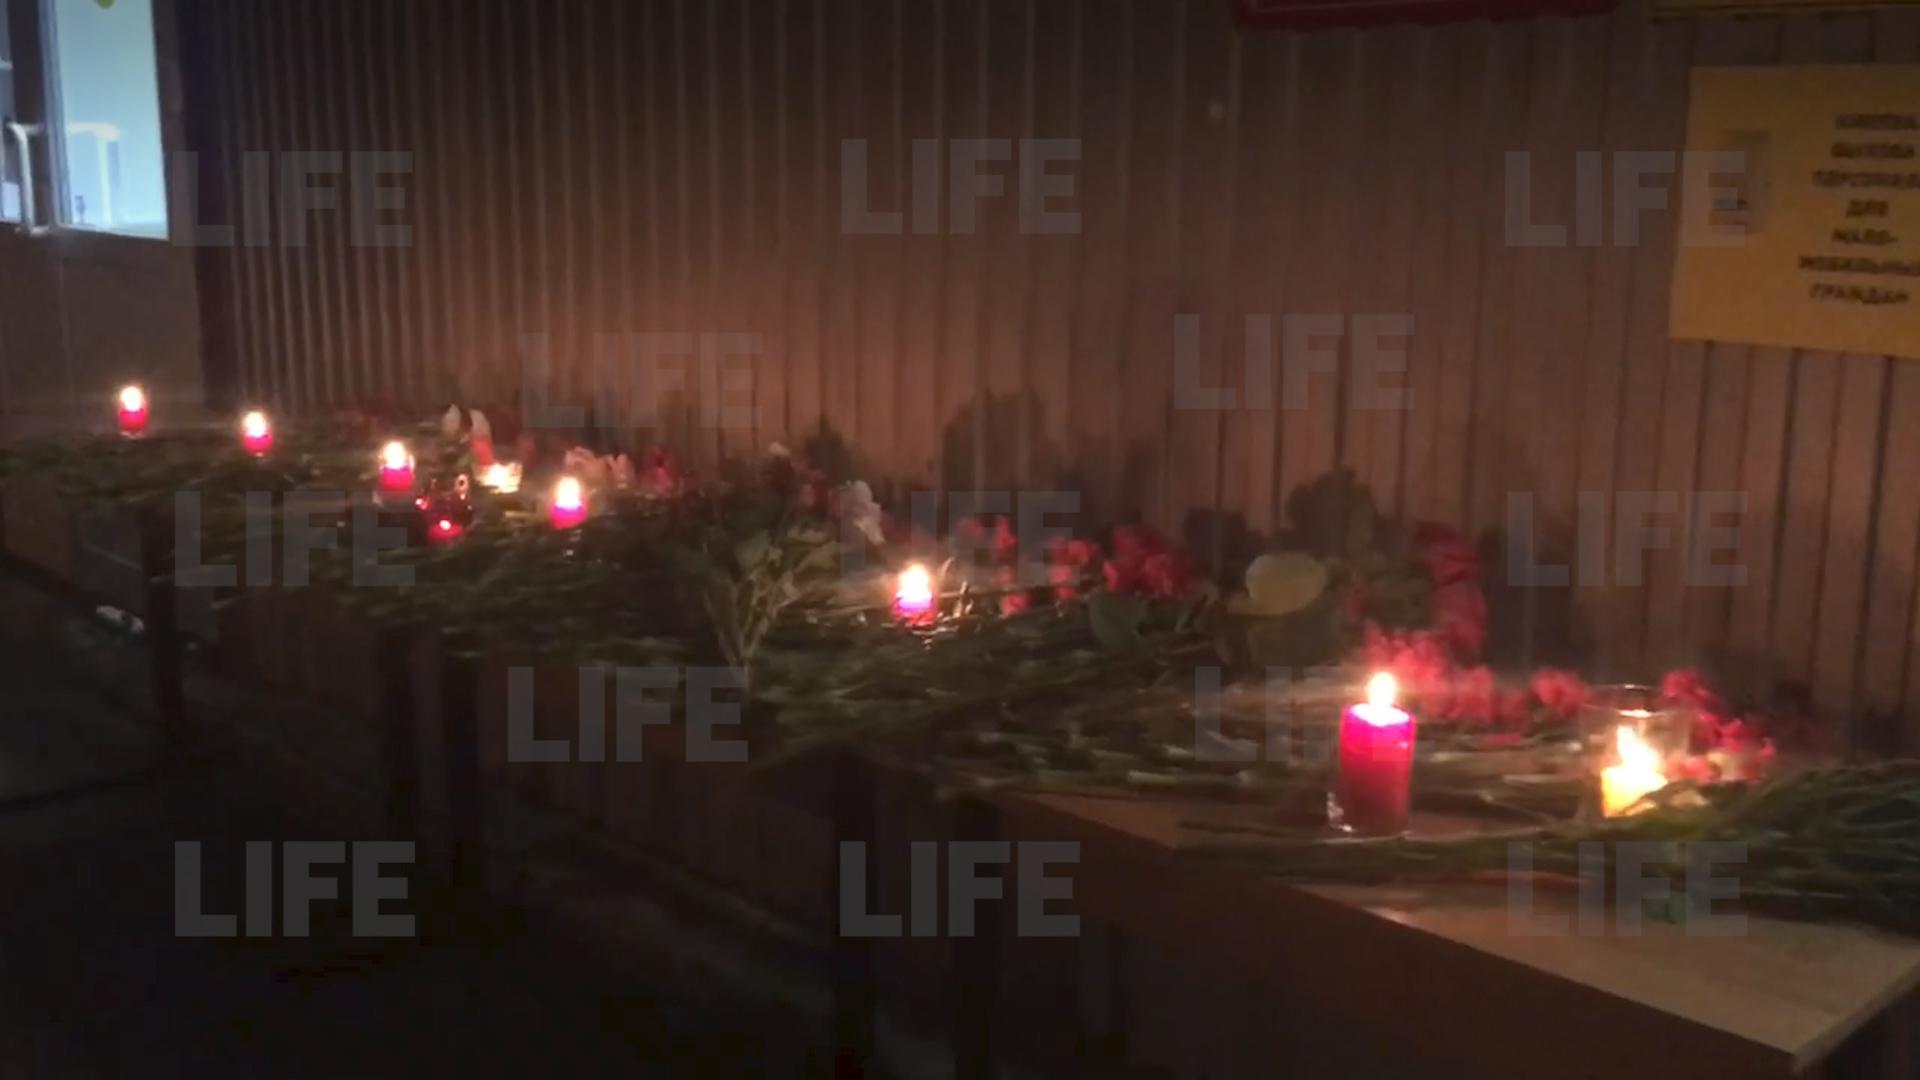 Возле здания вуза в Перми появился стихийный мемориал в память о погибших при стрельбе